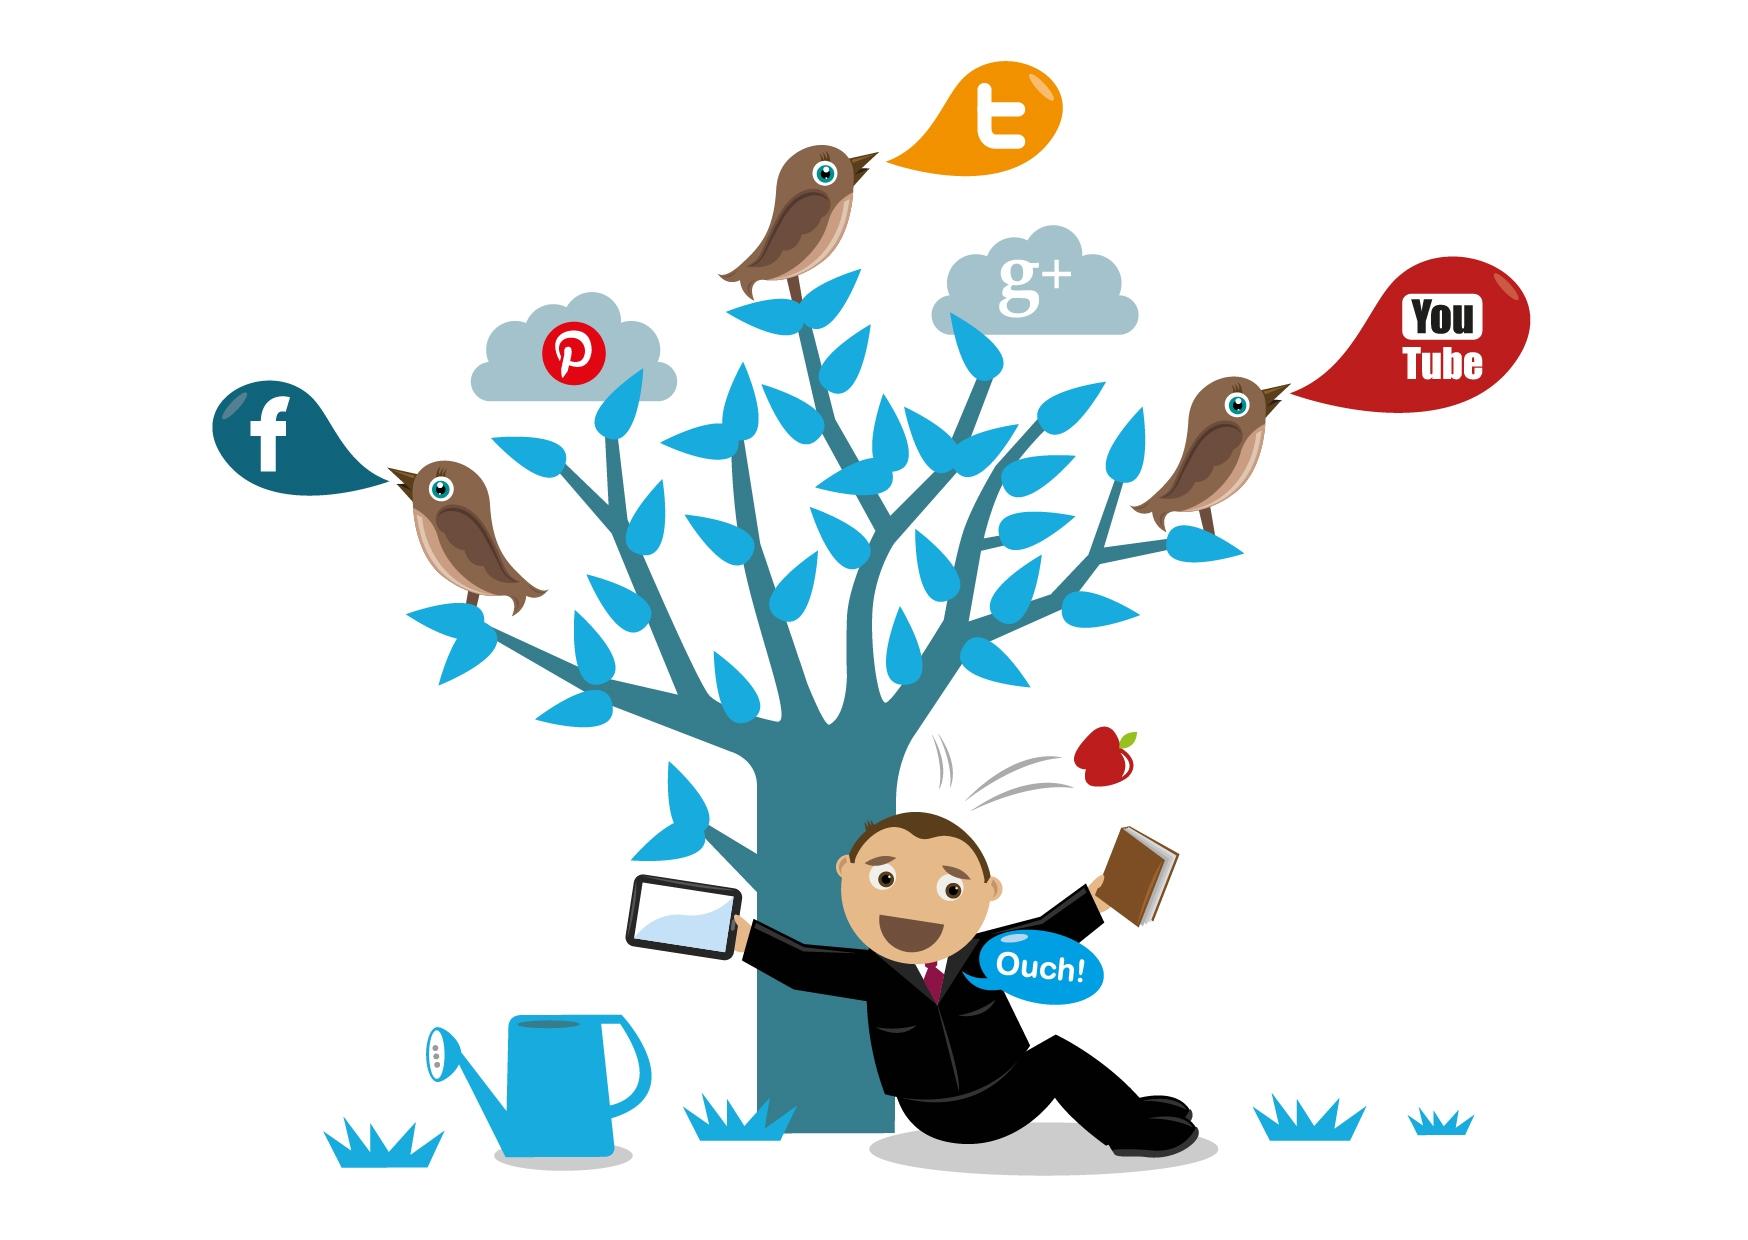 Pmi e uso dei Social